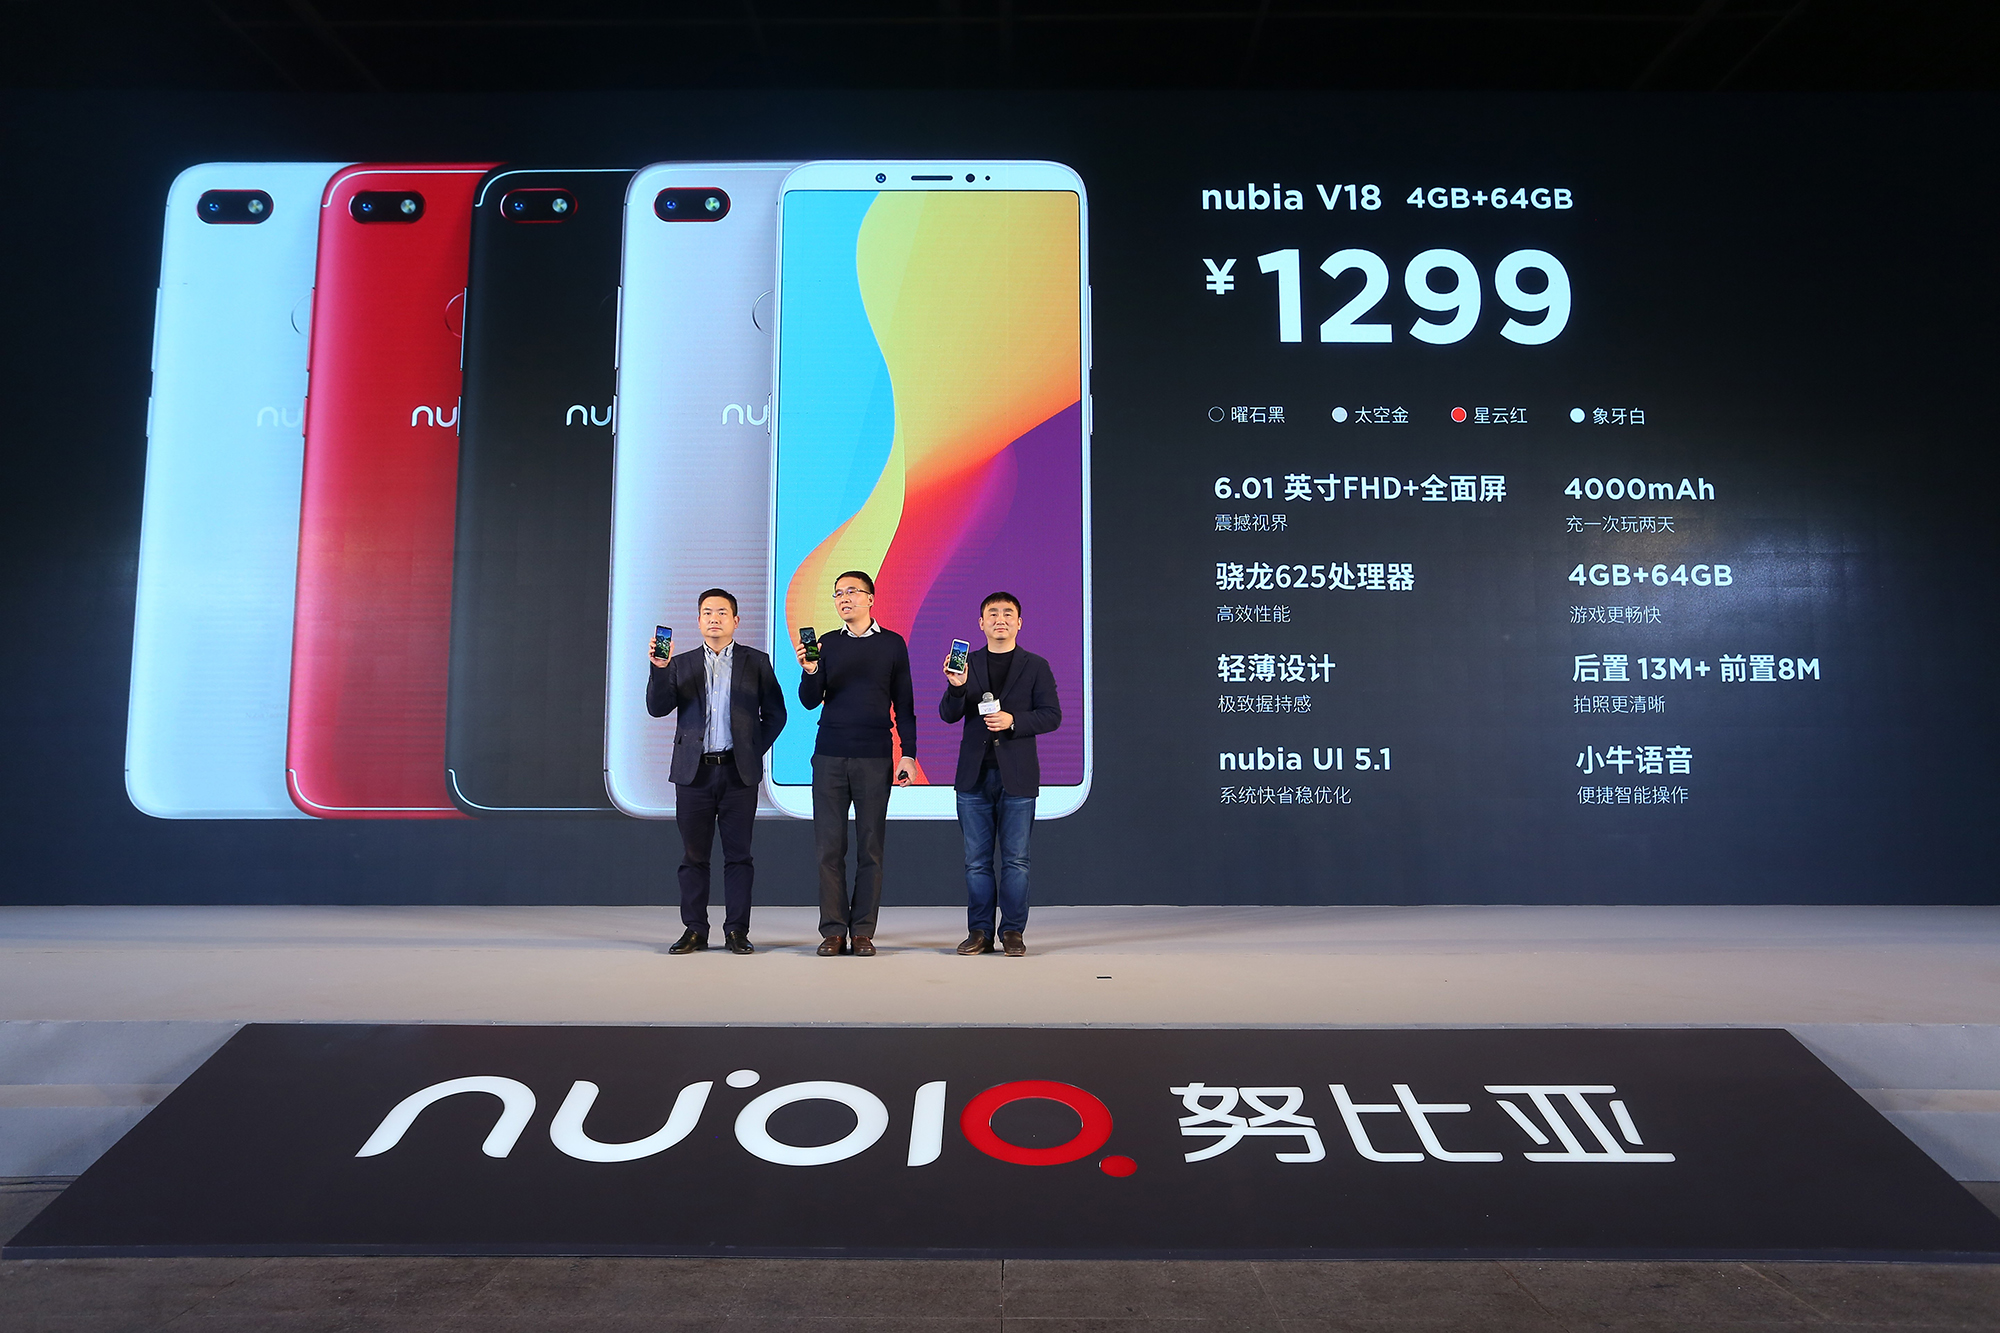 努比亚 V18 全新亮相,6 吋全面屏千元长续航 1299 元